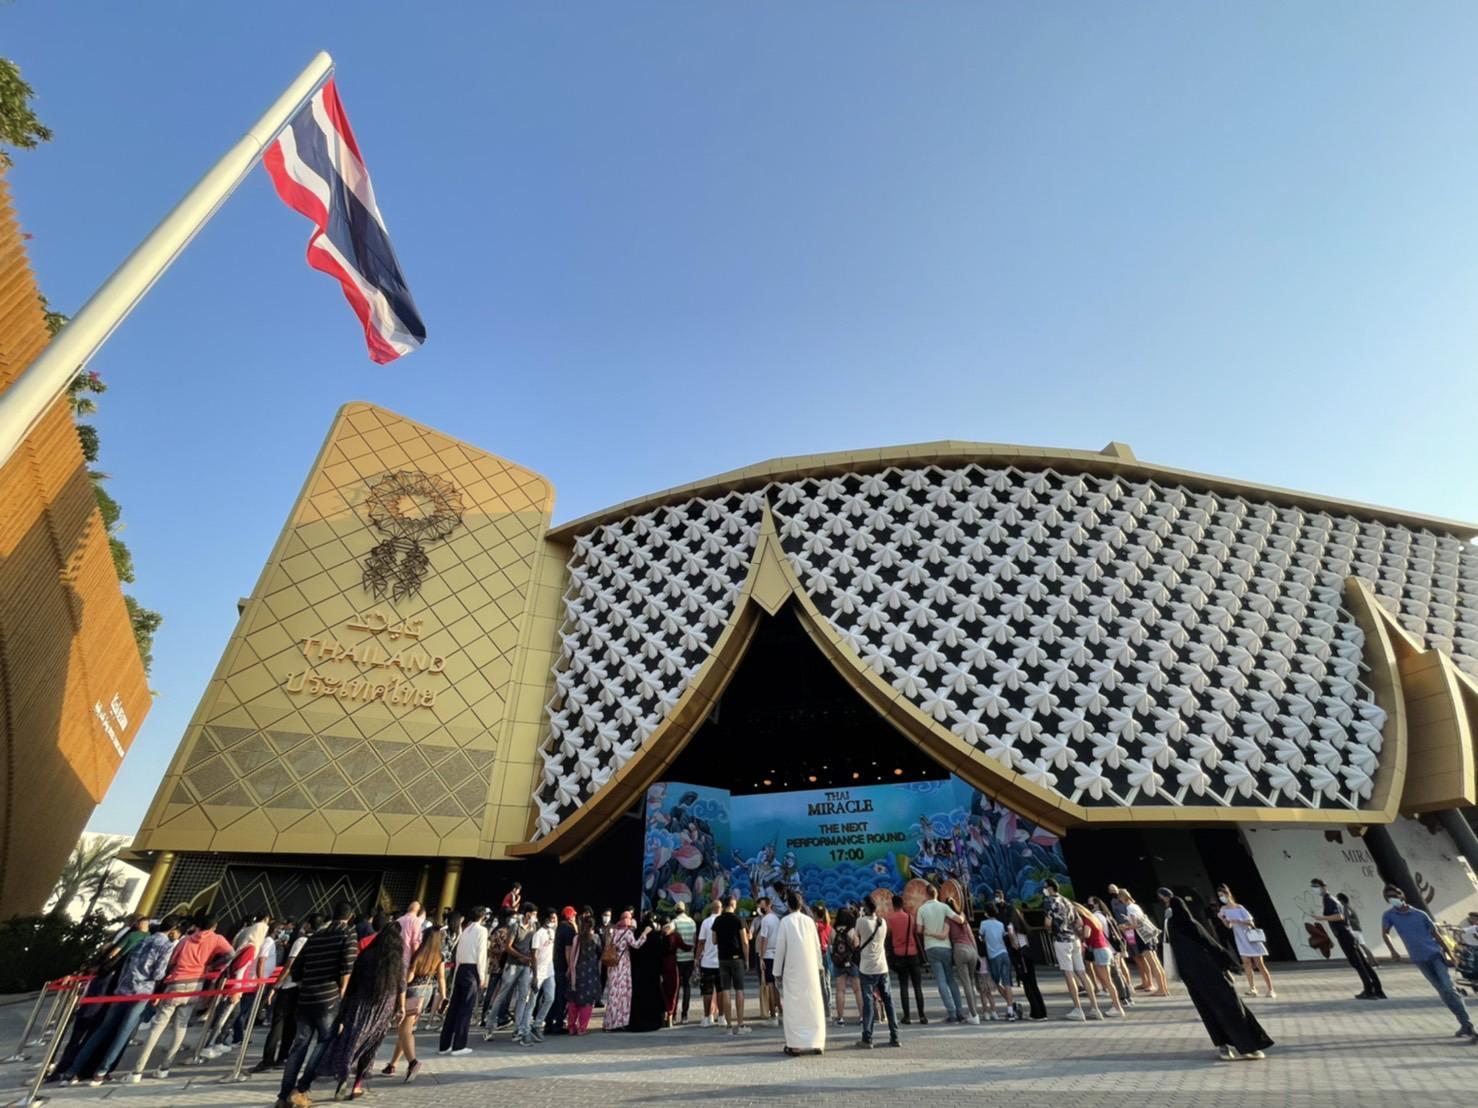 อาคารแสดงประเทศไทย World Expo 2020 Dubai ยอดชมทะลุแสนใน 2 สัปดาห์